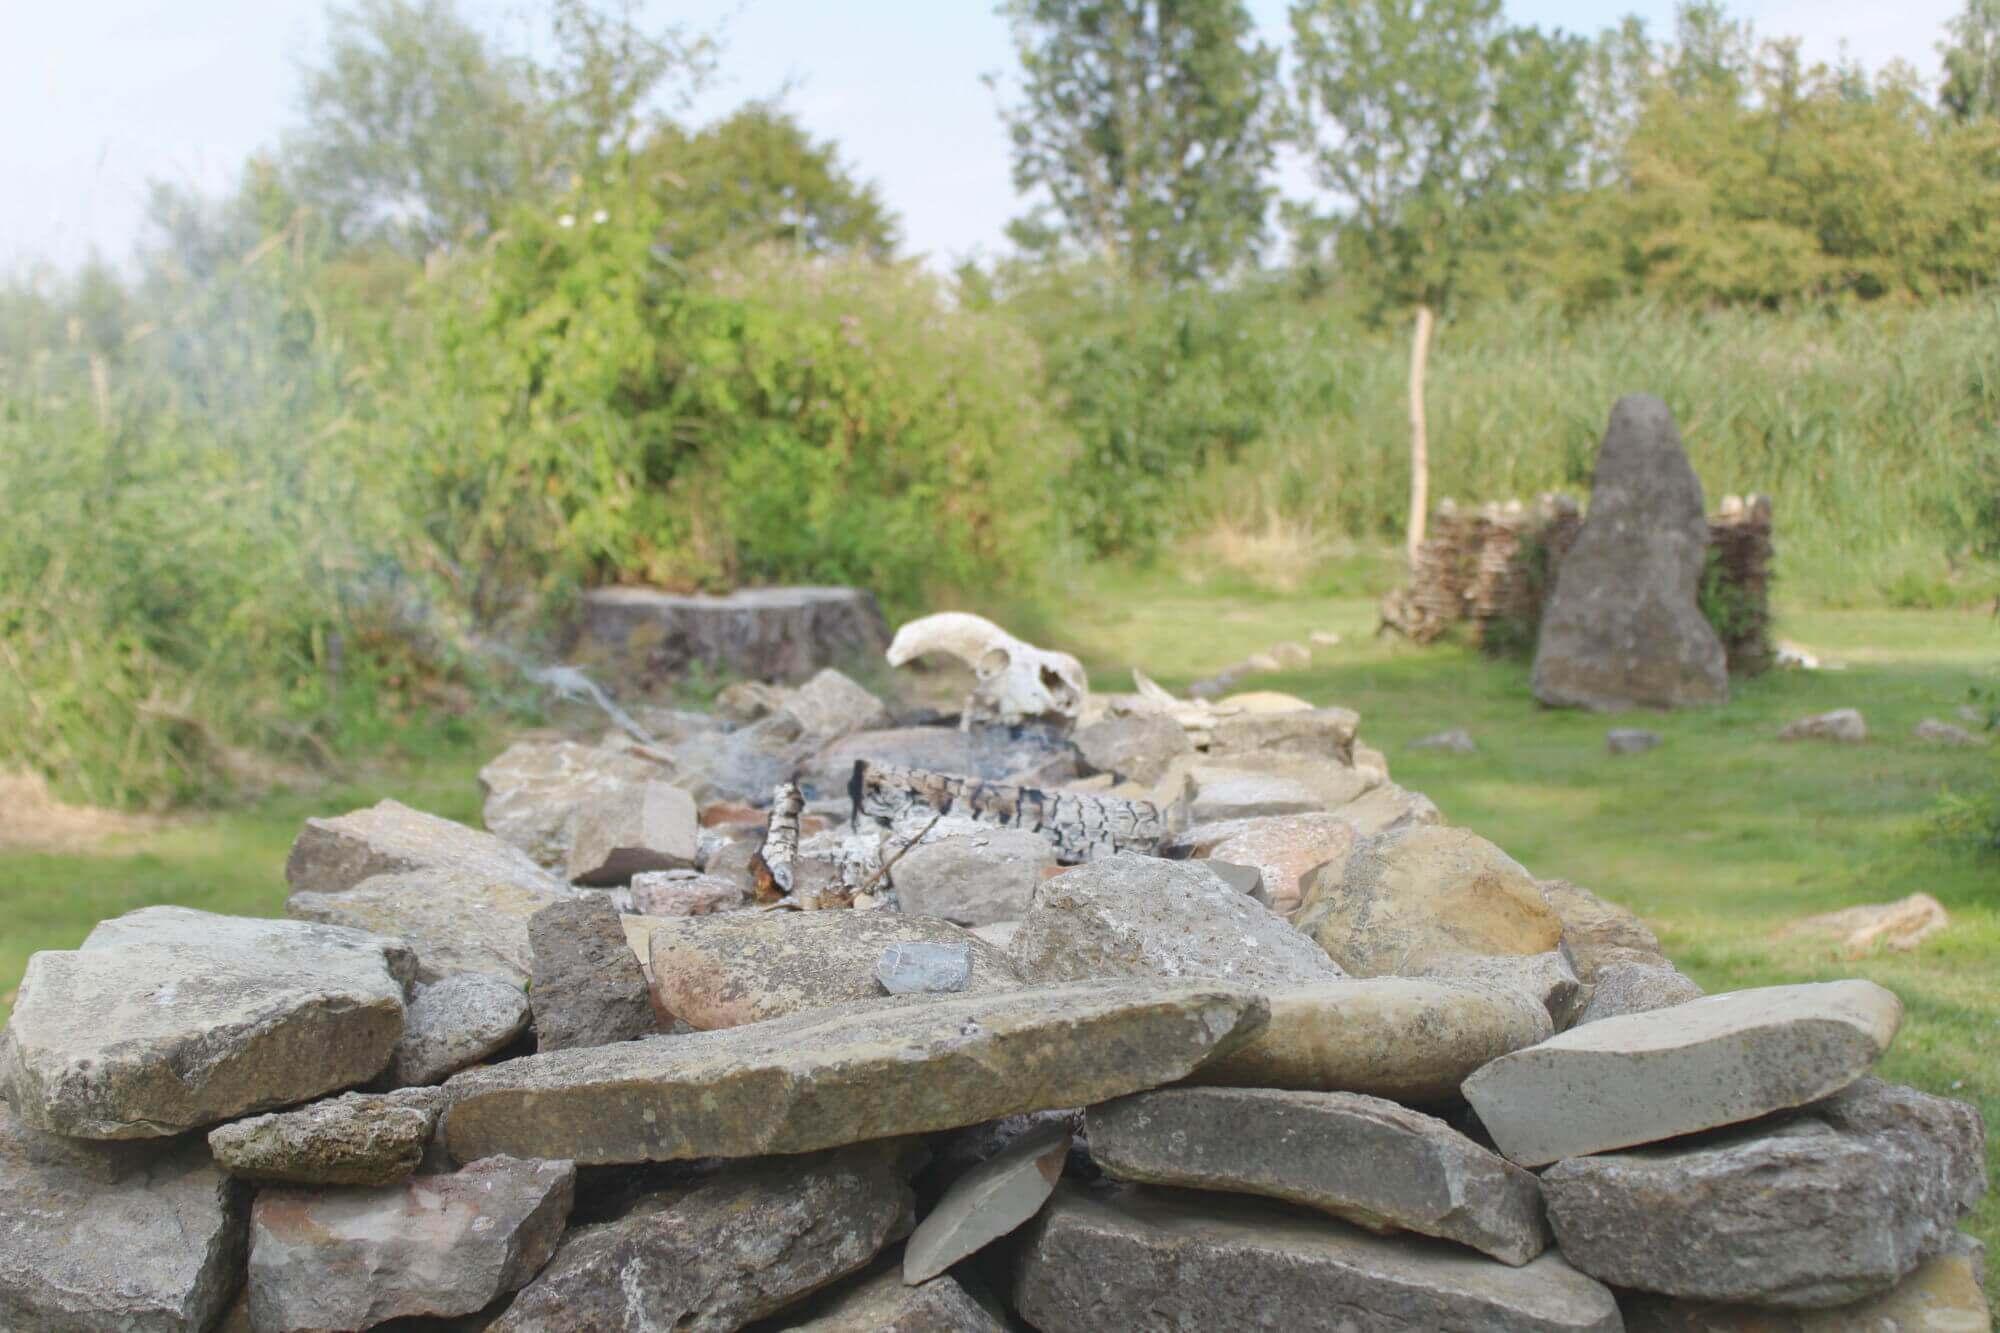 Opferalter im Opfermoor Voigt in der Welterberegion Wartburg-Hainich in Thürignen